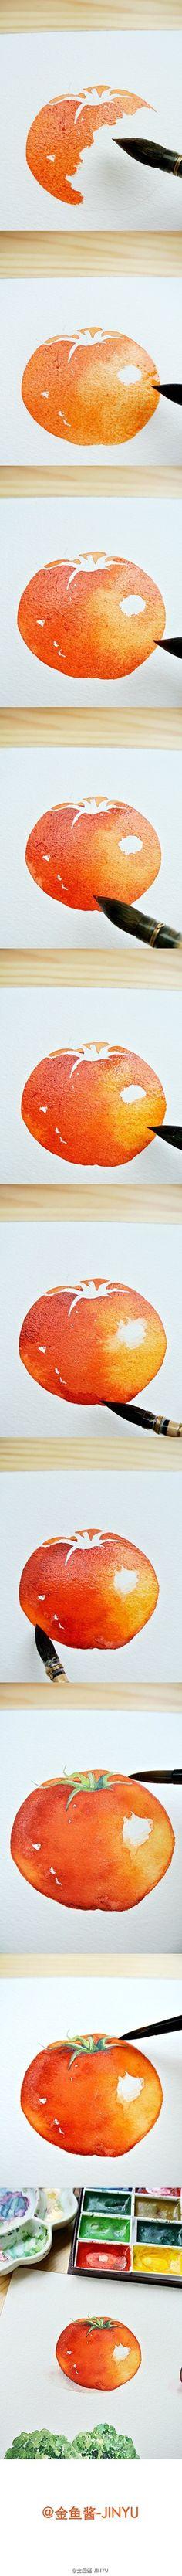 【绘画教程】西红柿番茄 食材小品、新书内页、四种技法、分享学习、希望受用。(内有长副步骤图耐心等候加载……)